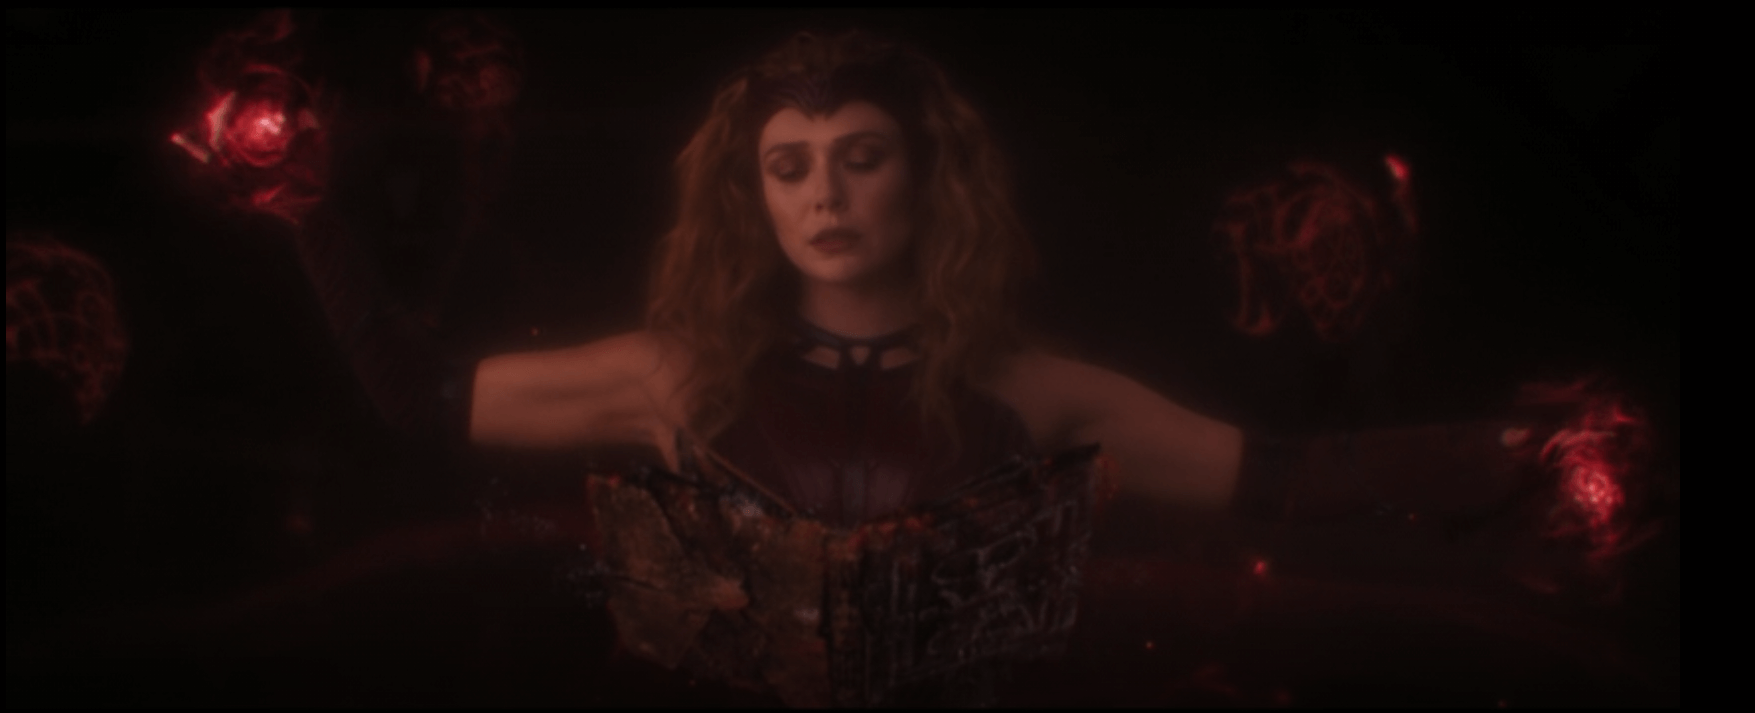 Wanda darkhole